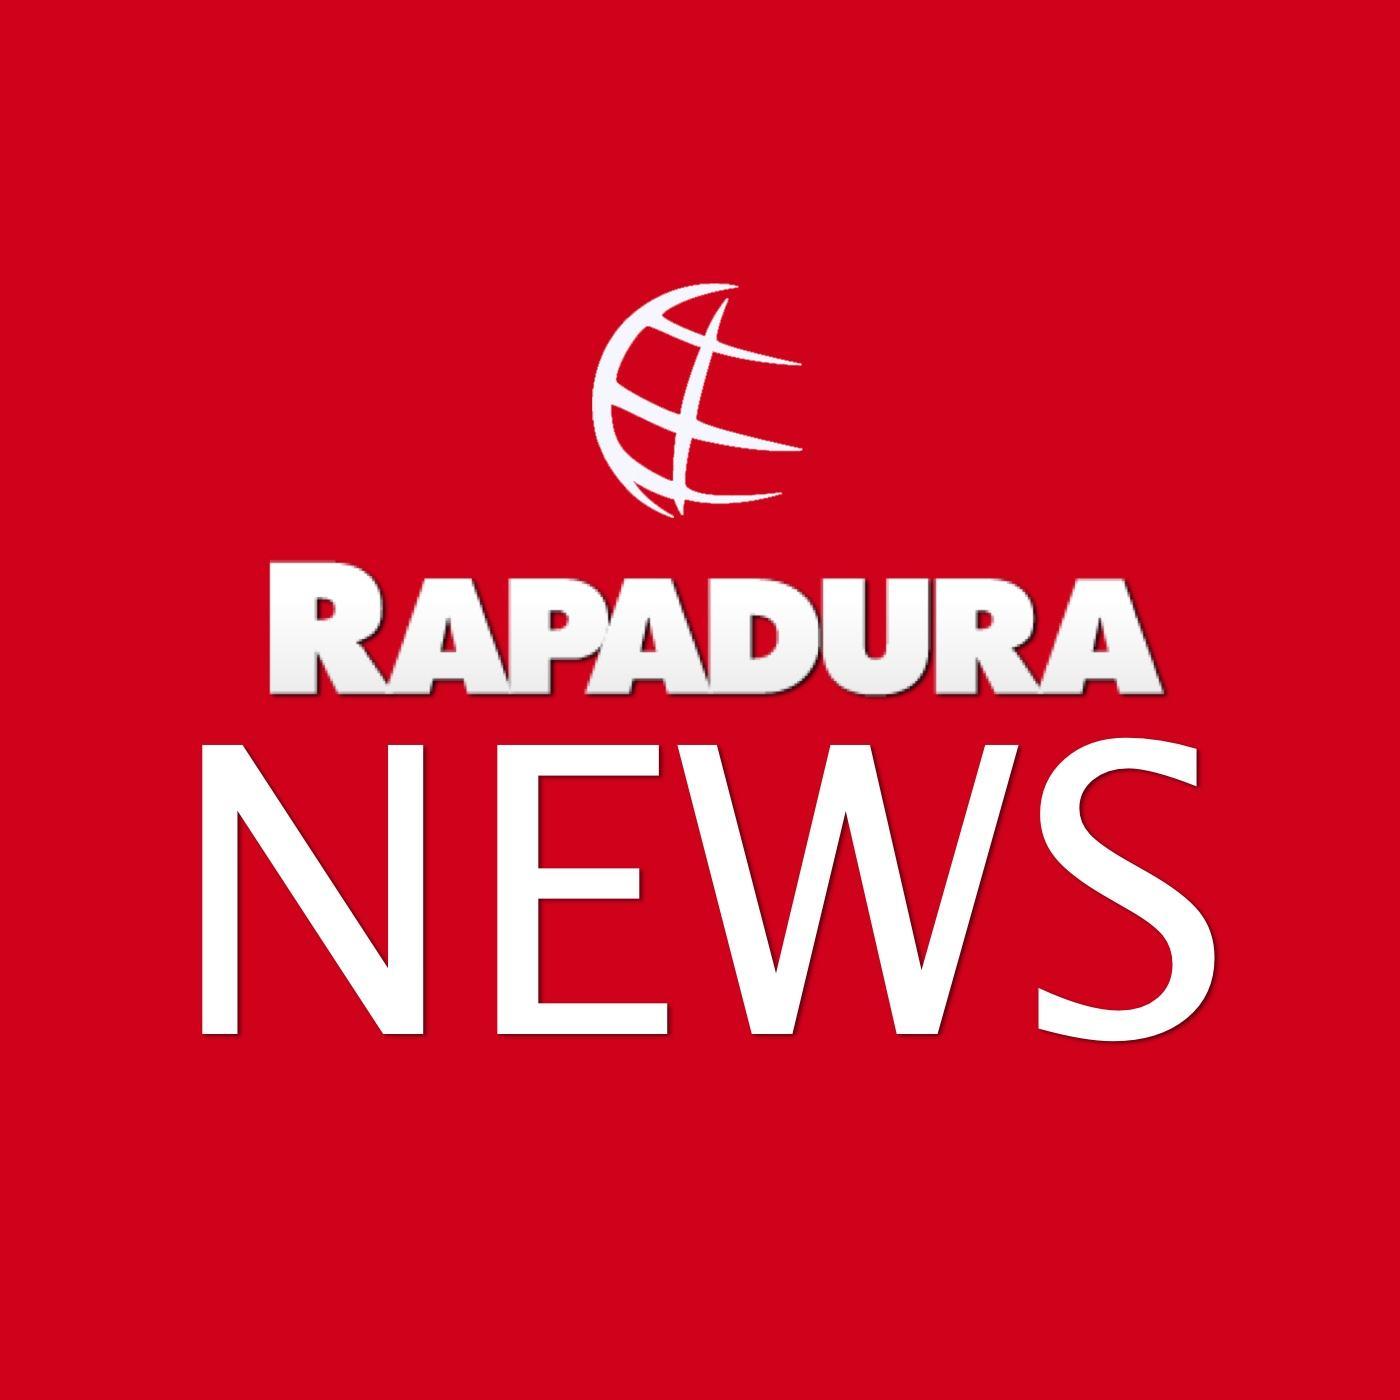 Rapadura News